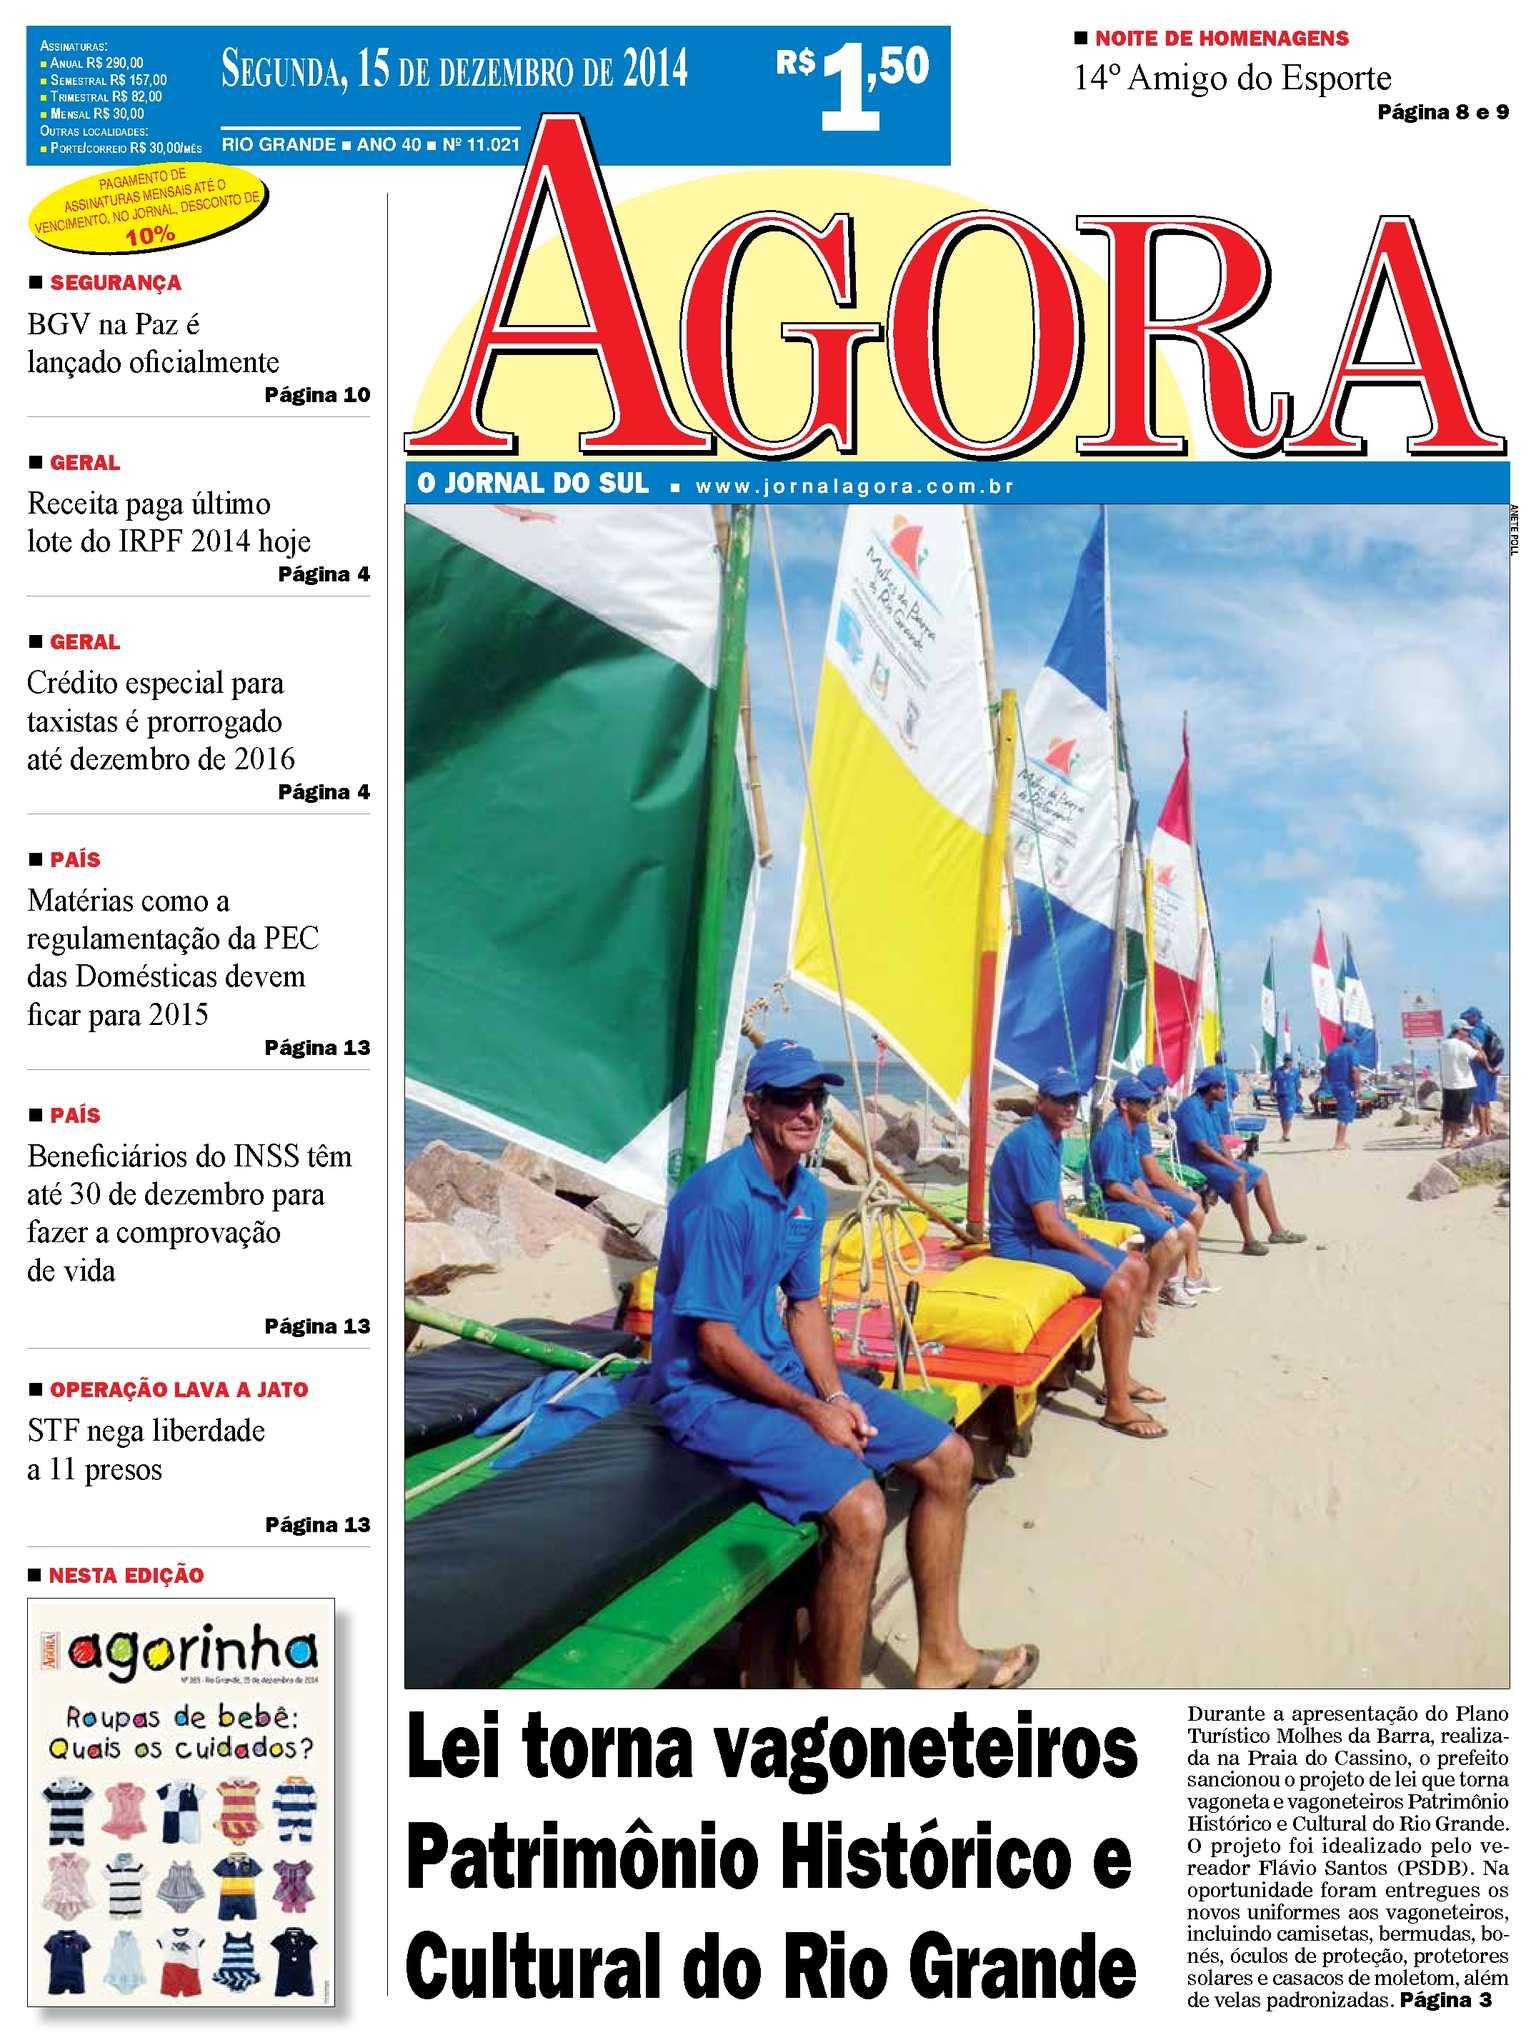 Calaméo - Jornal Agora - Edição 11021 - 15 de dezembro de 2014 e7b334ef71192